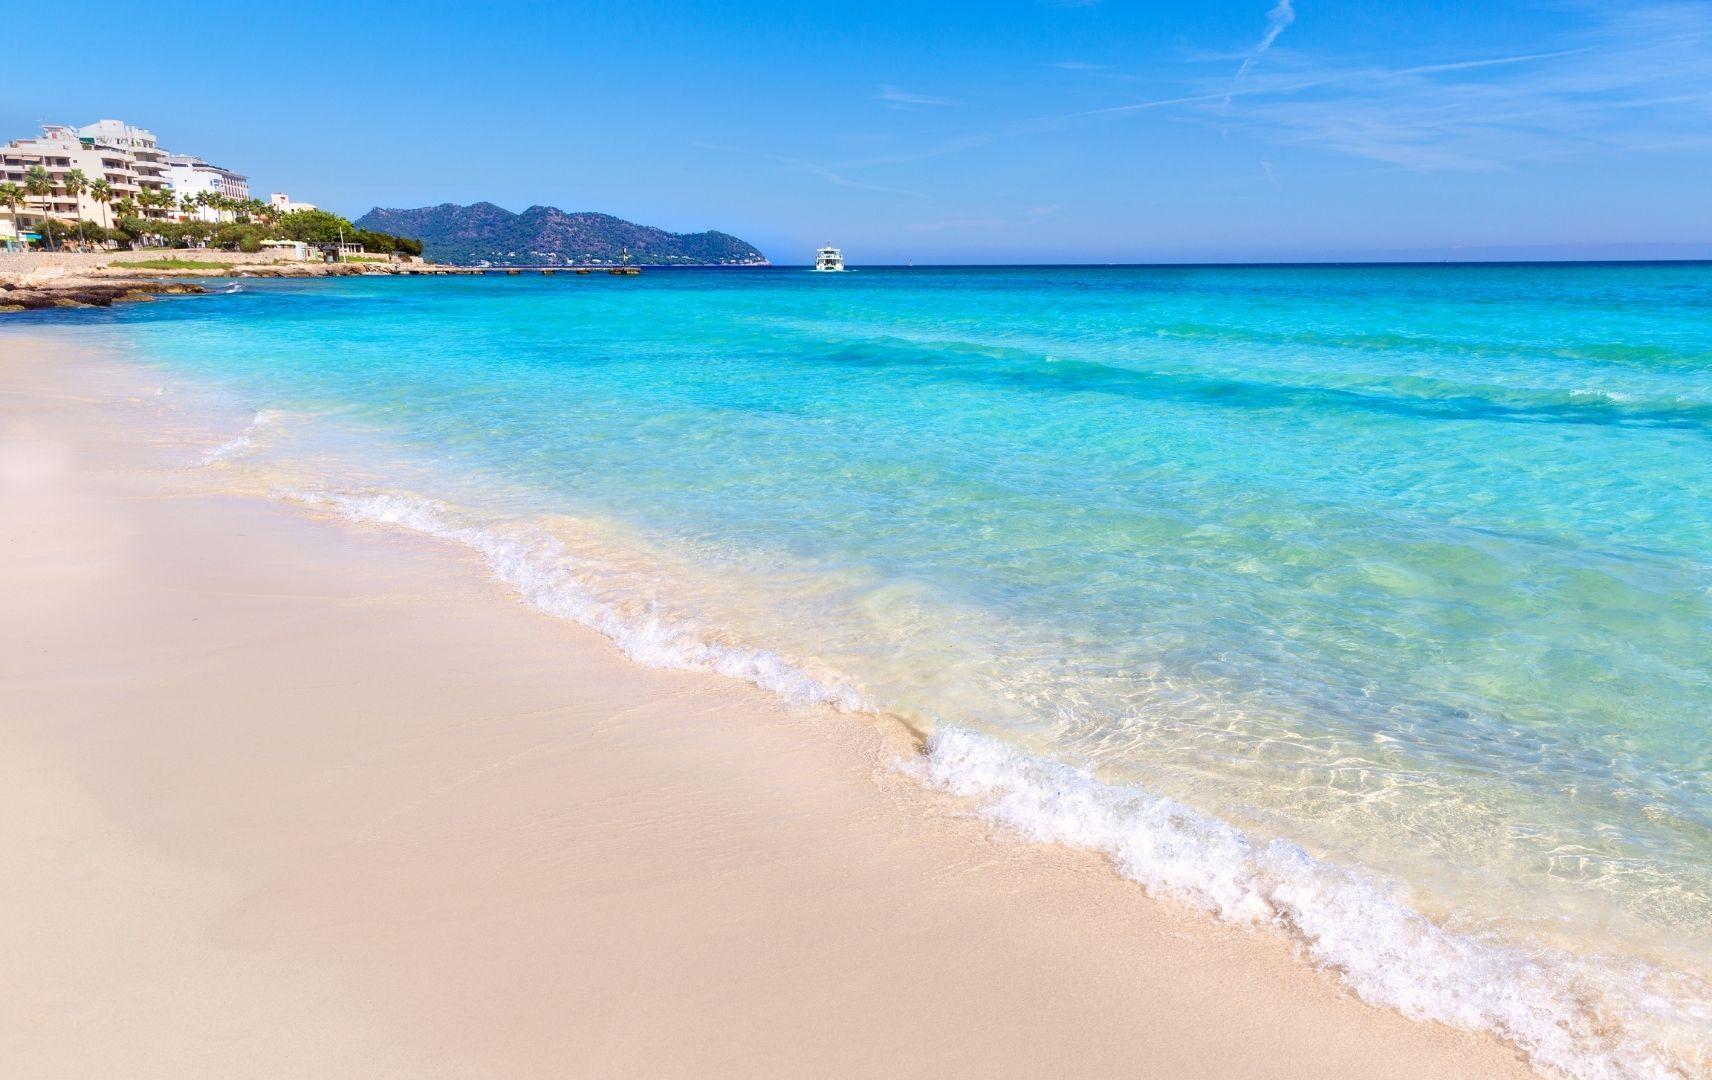 Mallorca - Cala Millor Beach